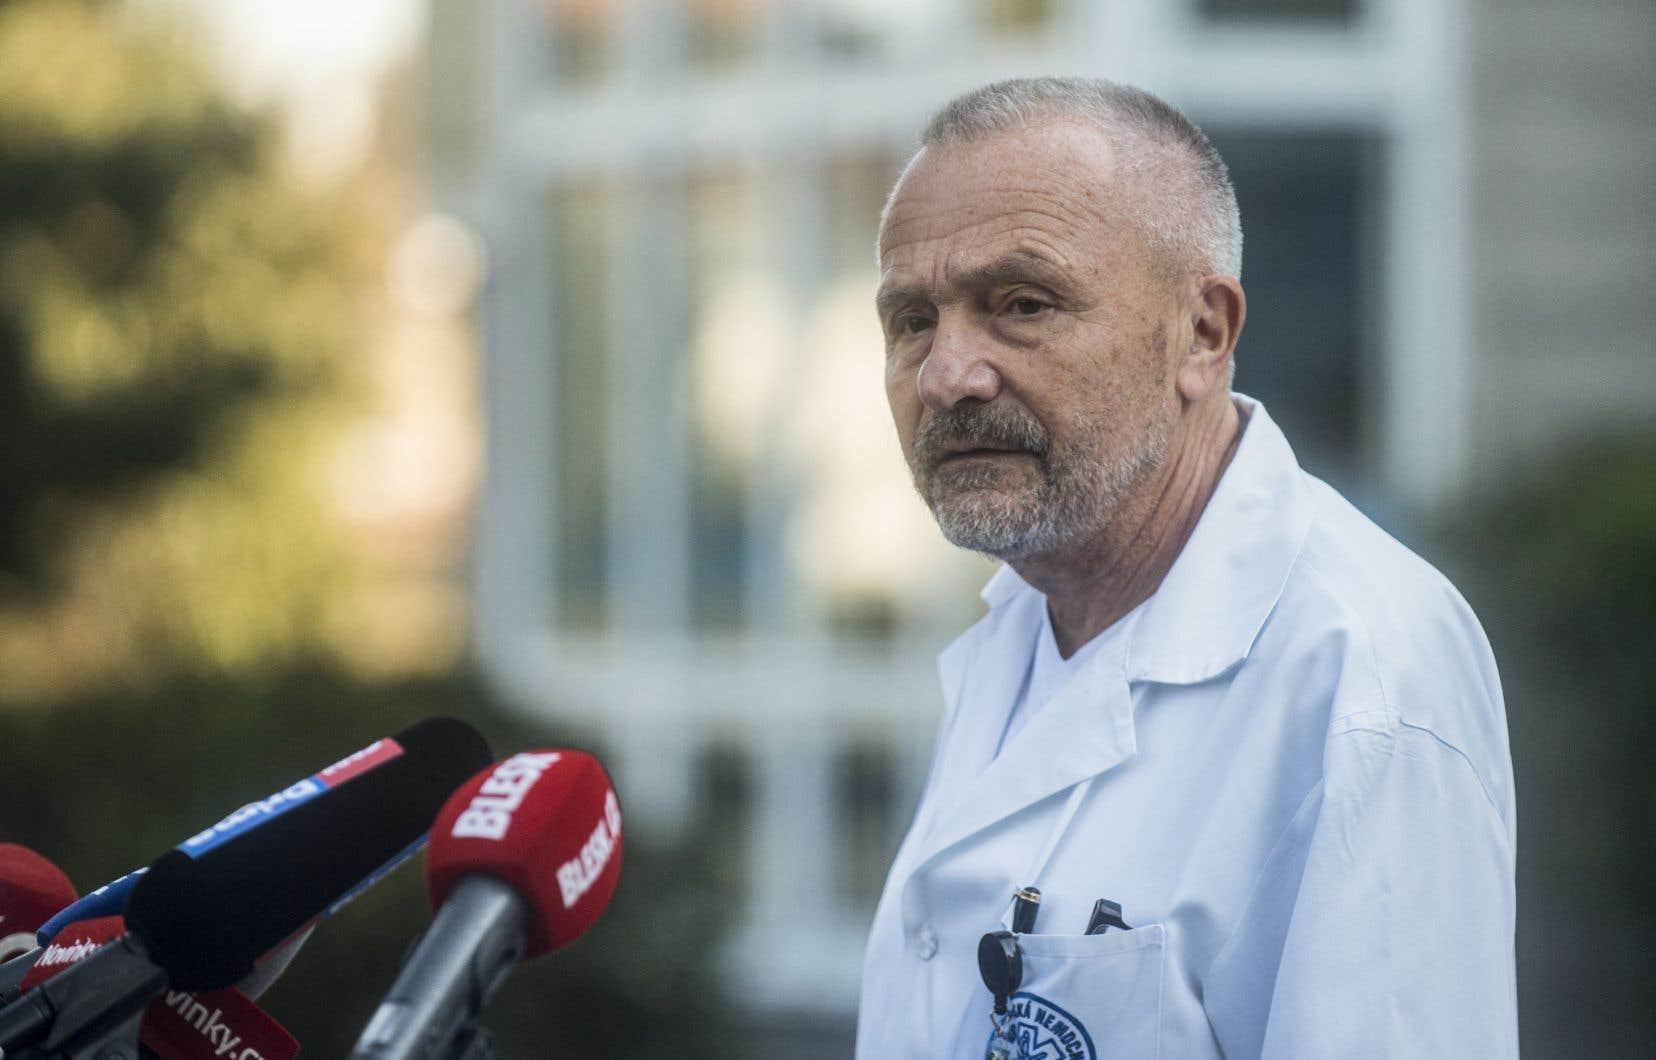 Le médecin du président tchèque Milos Zeman,Miroslav Zavoral, a annoncé qu'il avait été placé en soins intensifs, sans révéler le diagnostic.